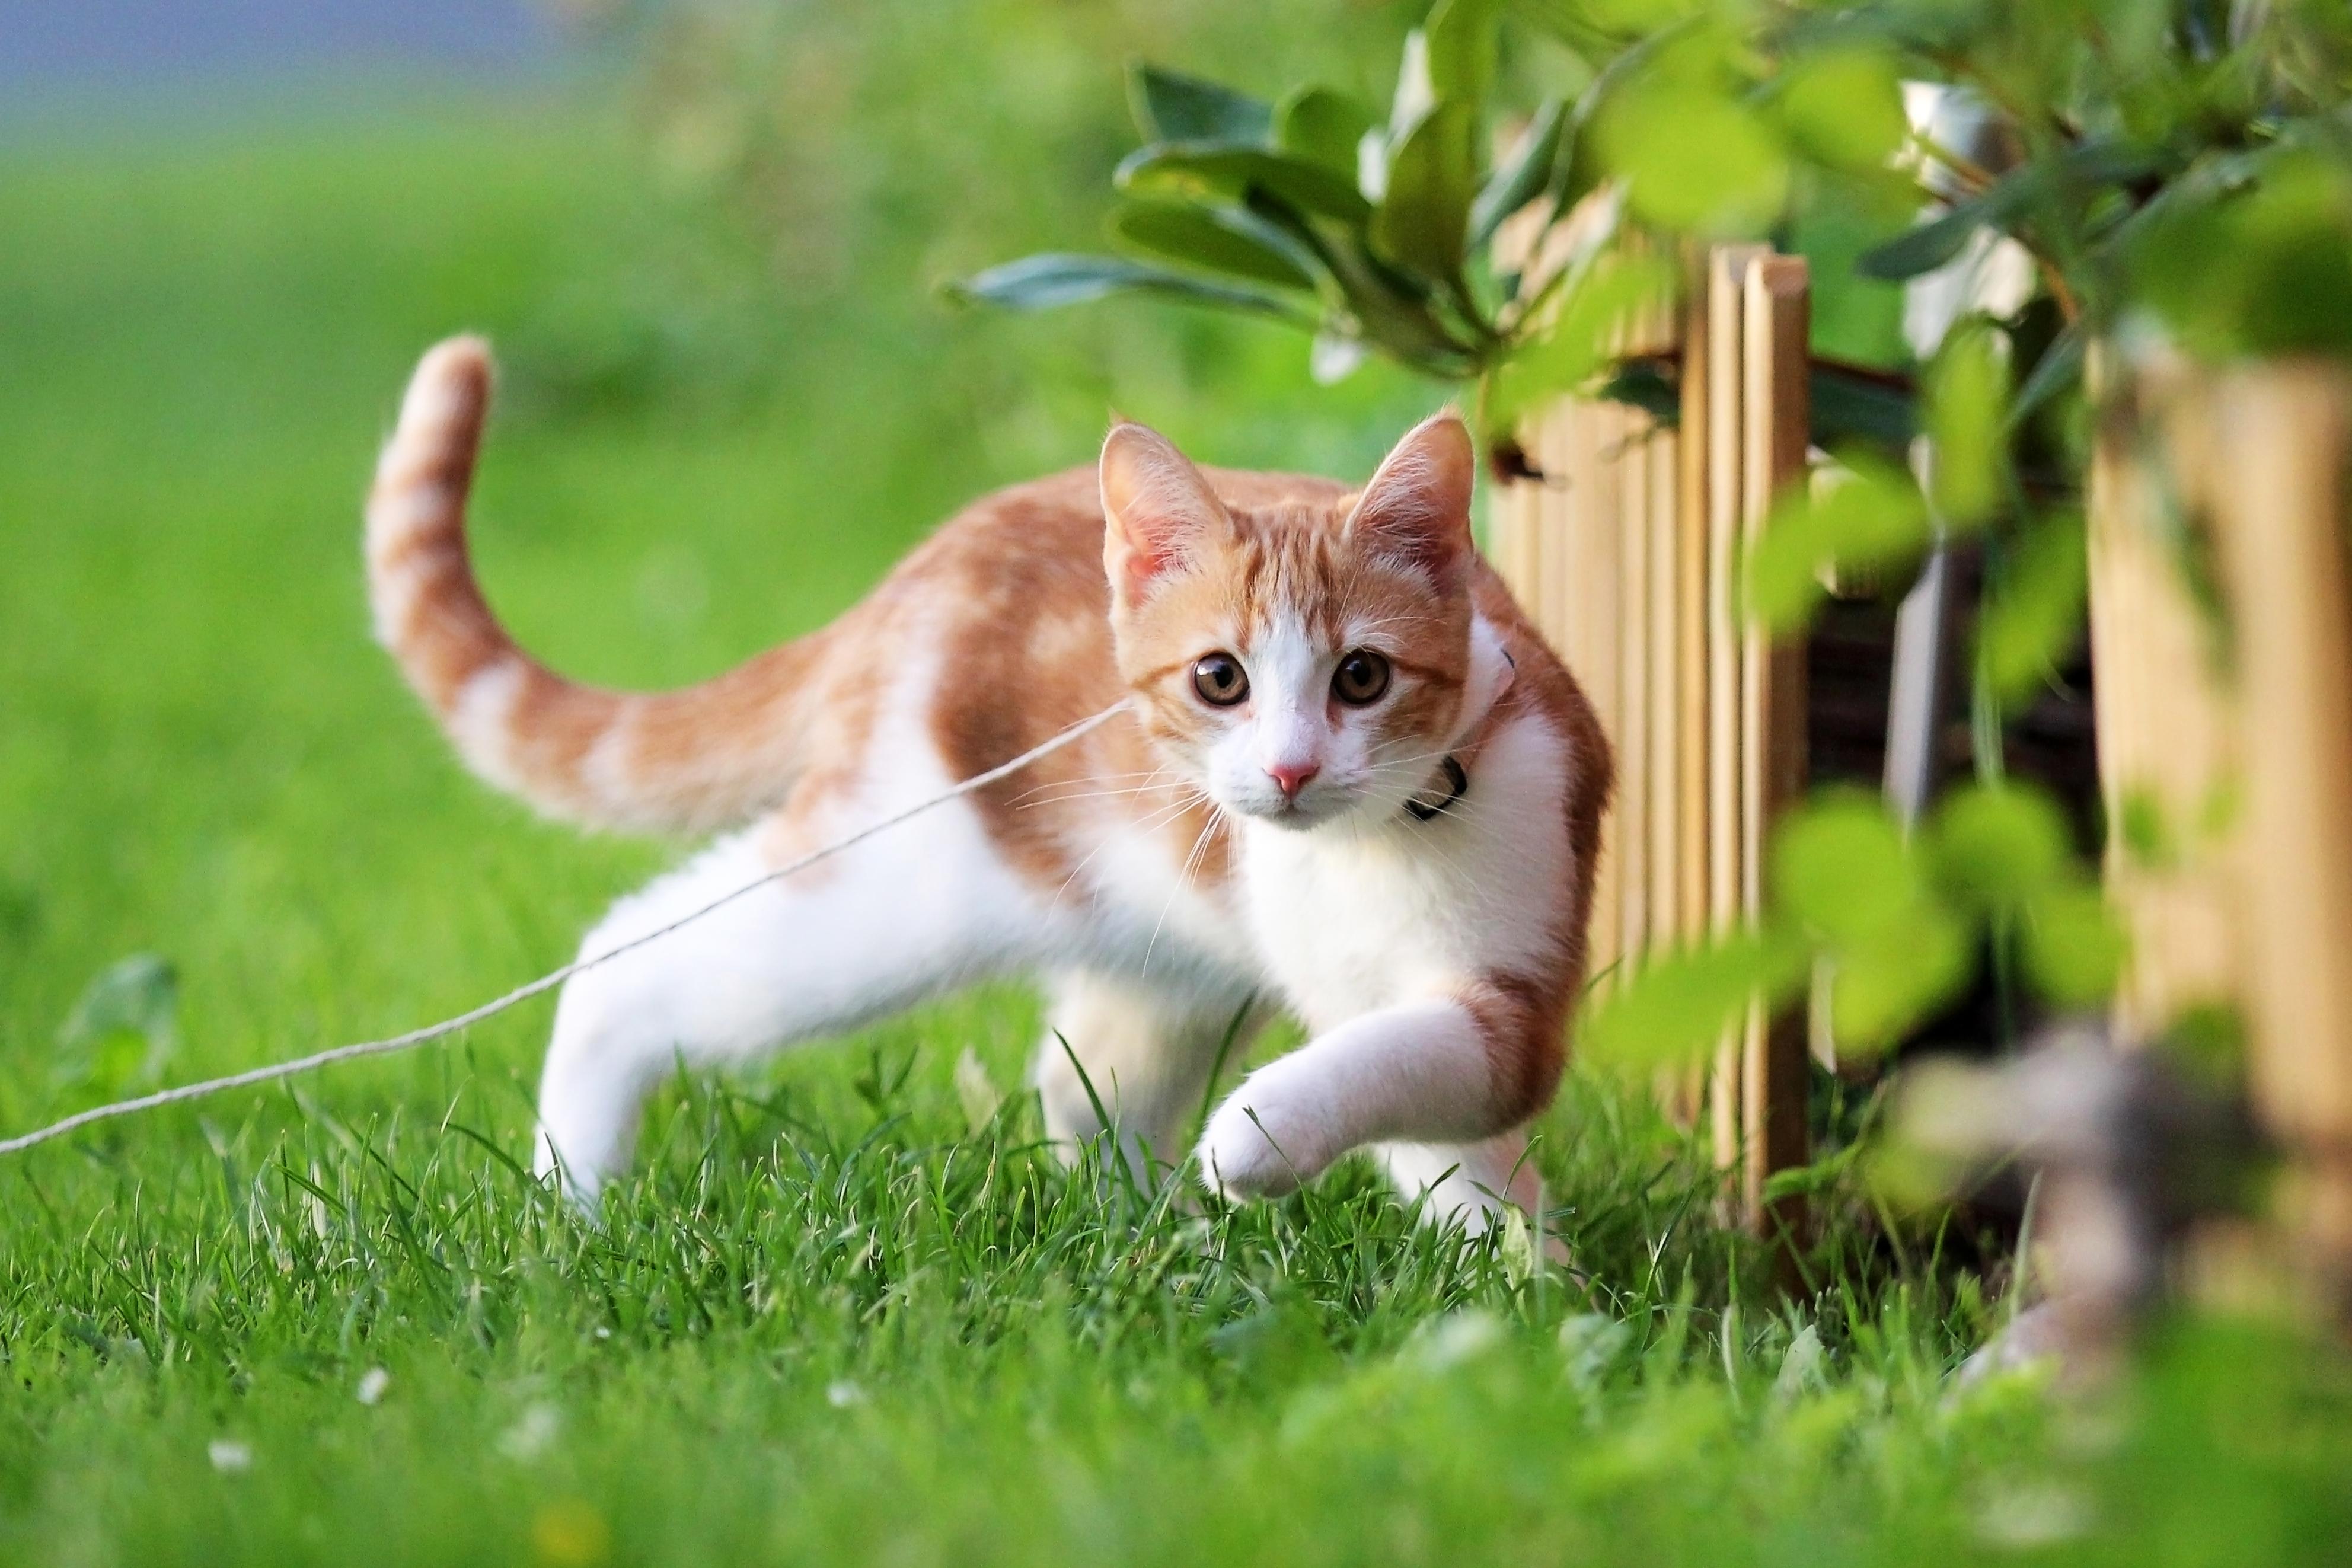 народу летний кот картинка течение полугода жюссье